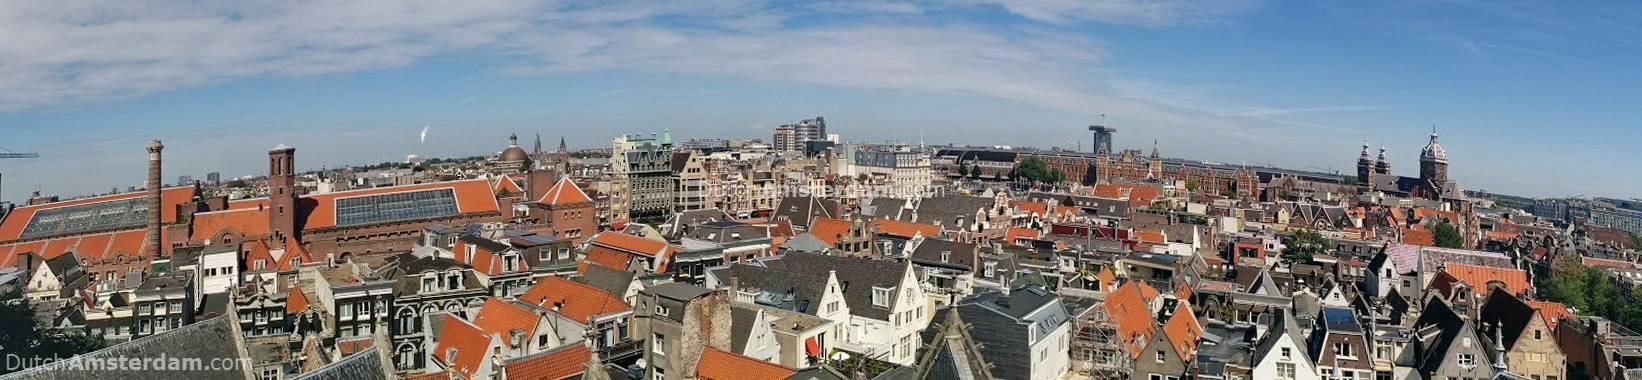 bids' eye view of amsterdam